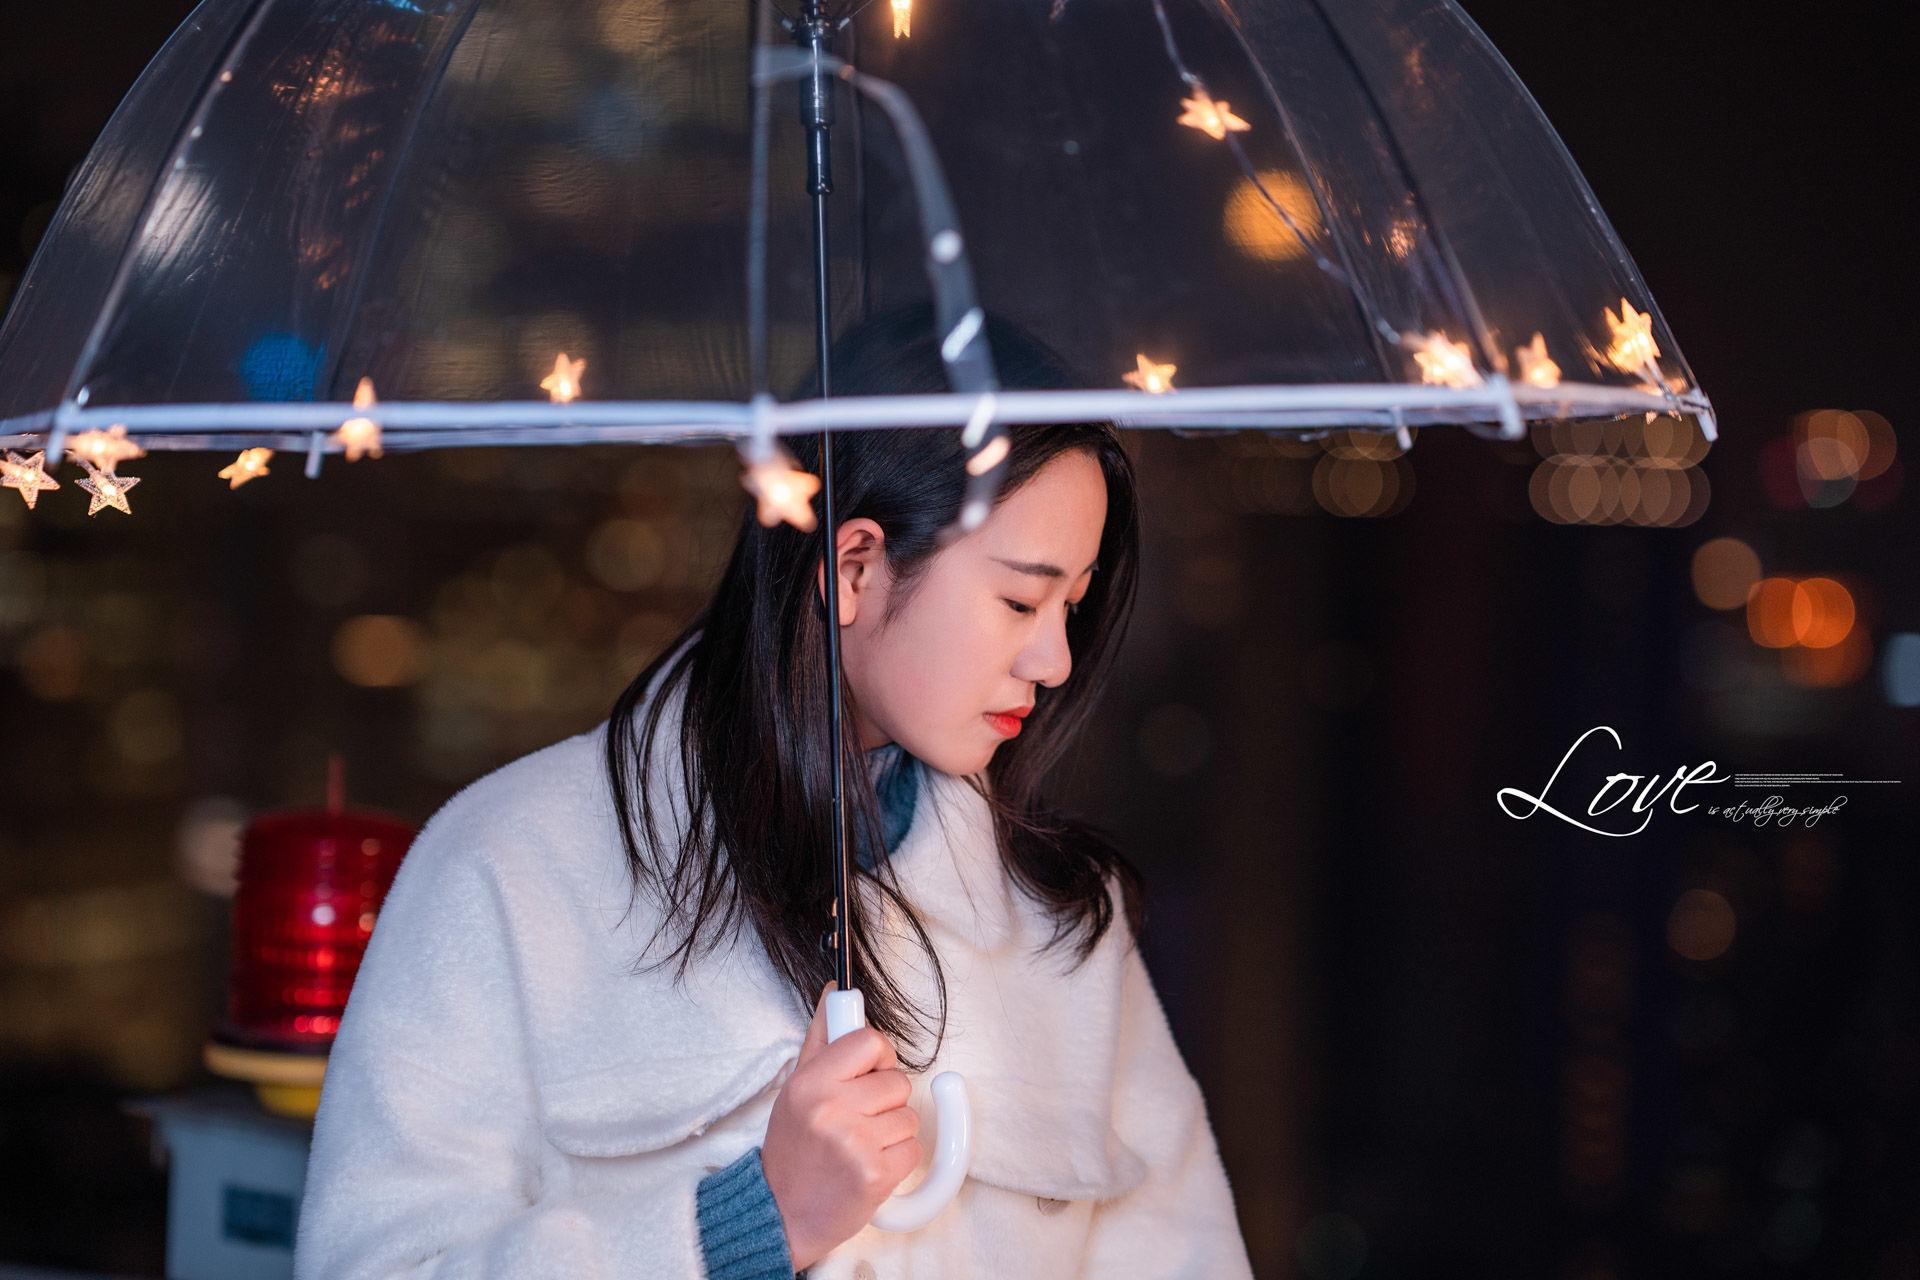 2019-01-21 天台夜景情绪人像_摄影师晦恩 模特冯雪